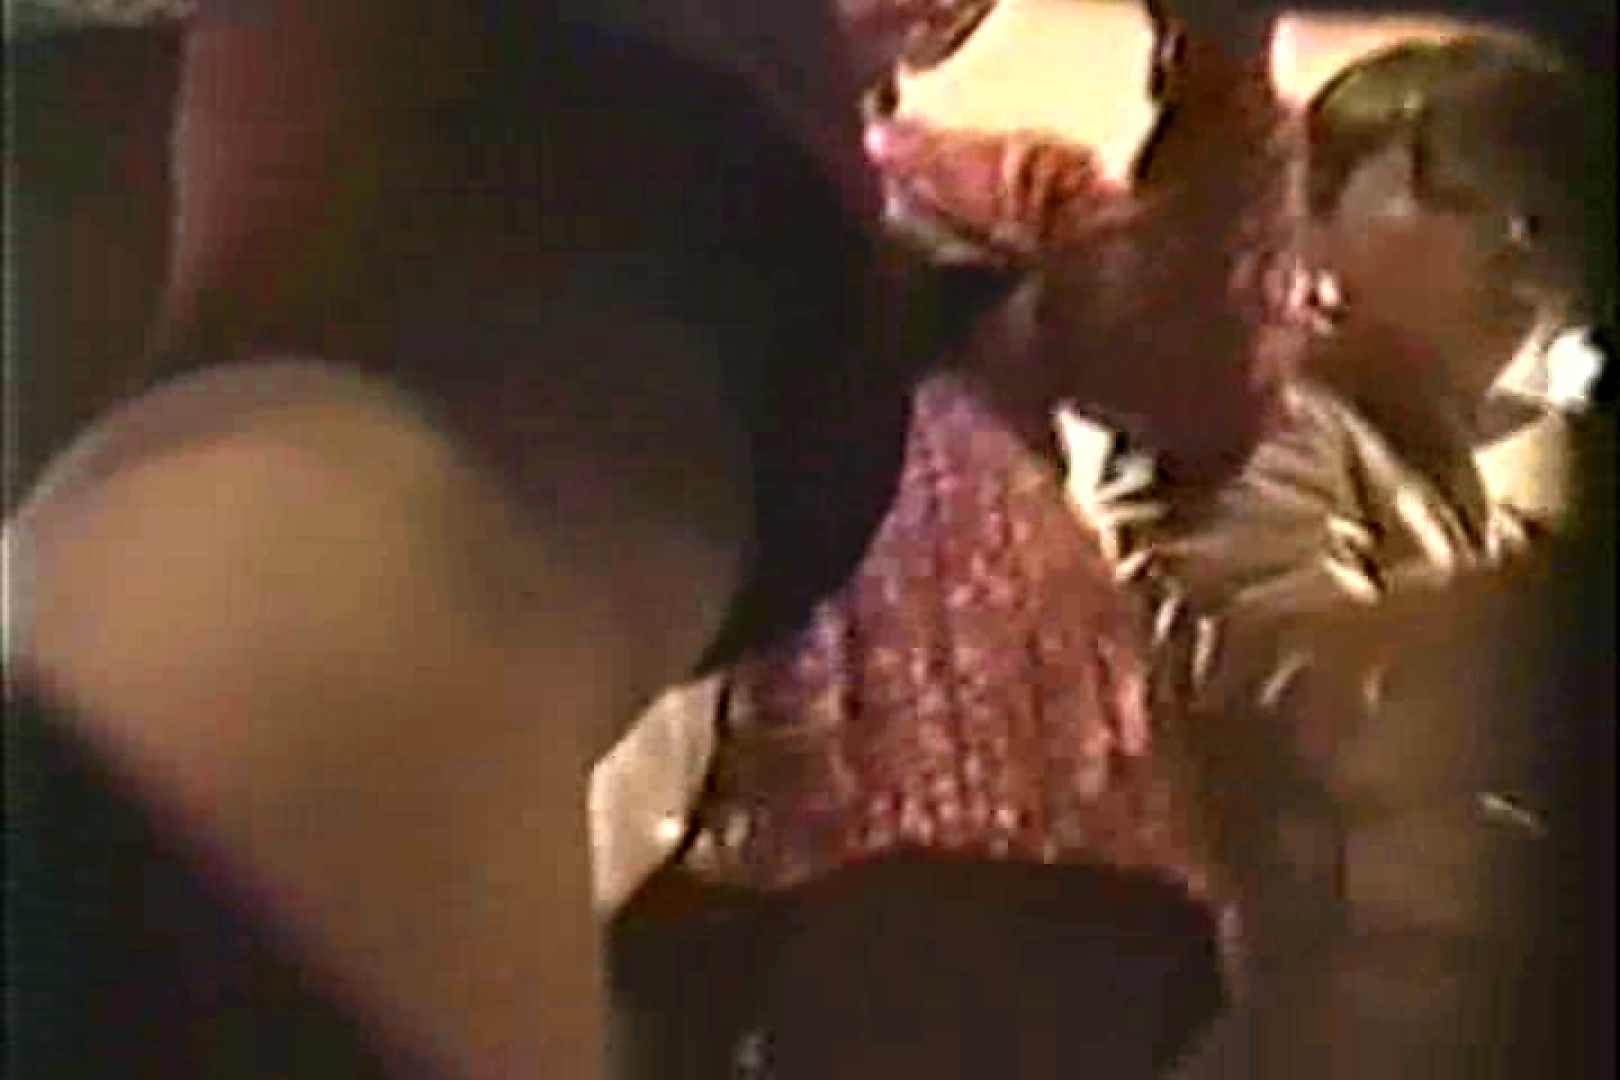 「ちくりん」さんのオリジナル未編集パンチラVol.4_02 ギャルの実態 盗撮動画紹介 69pic 22